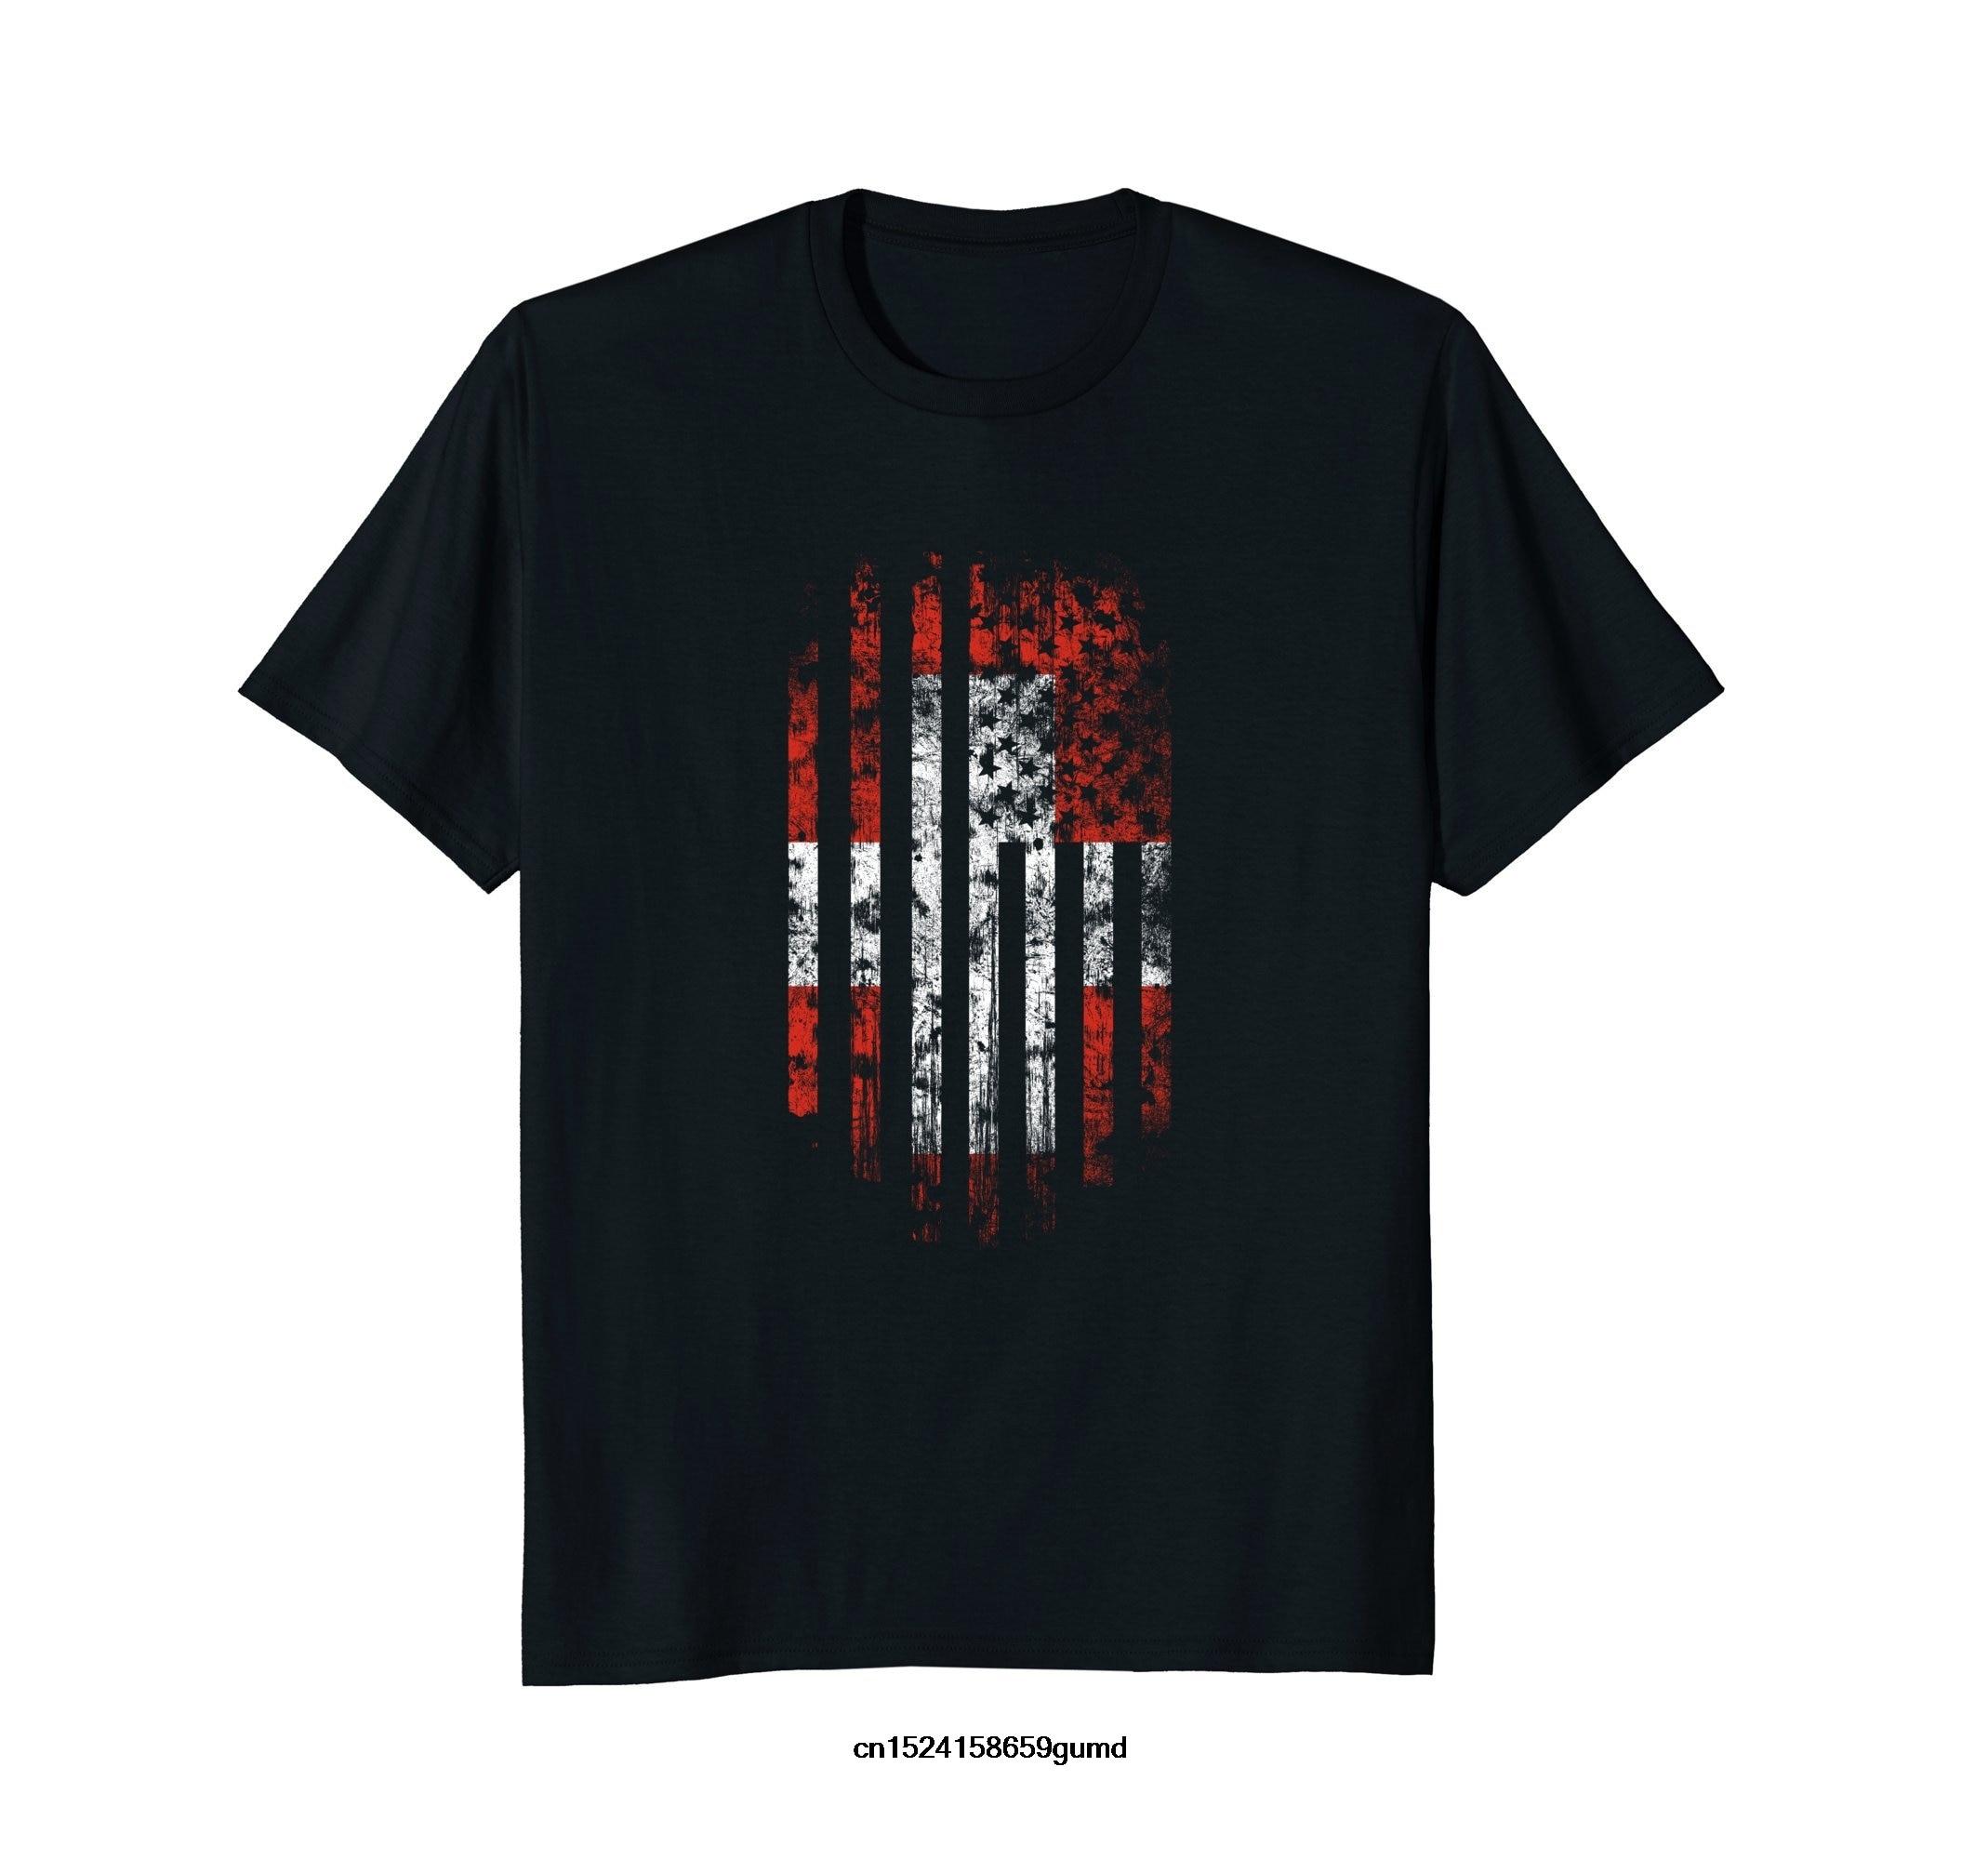 Camiseta divertida para hombre nueva camiseta de manga corta para mujer bandera suiza americana camiseta Suiza